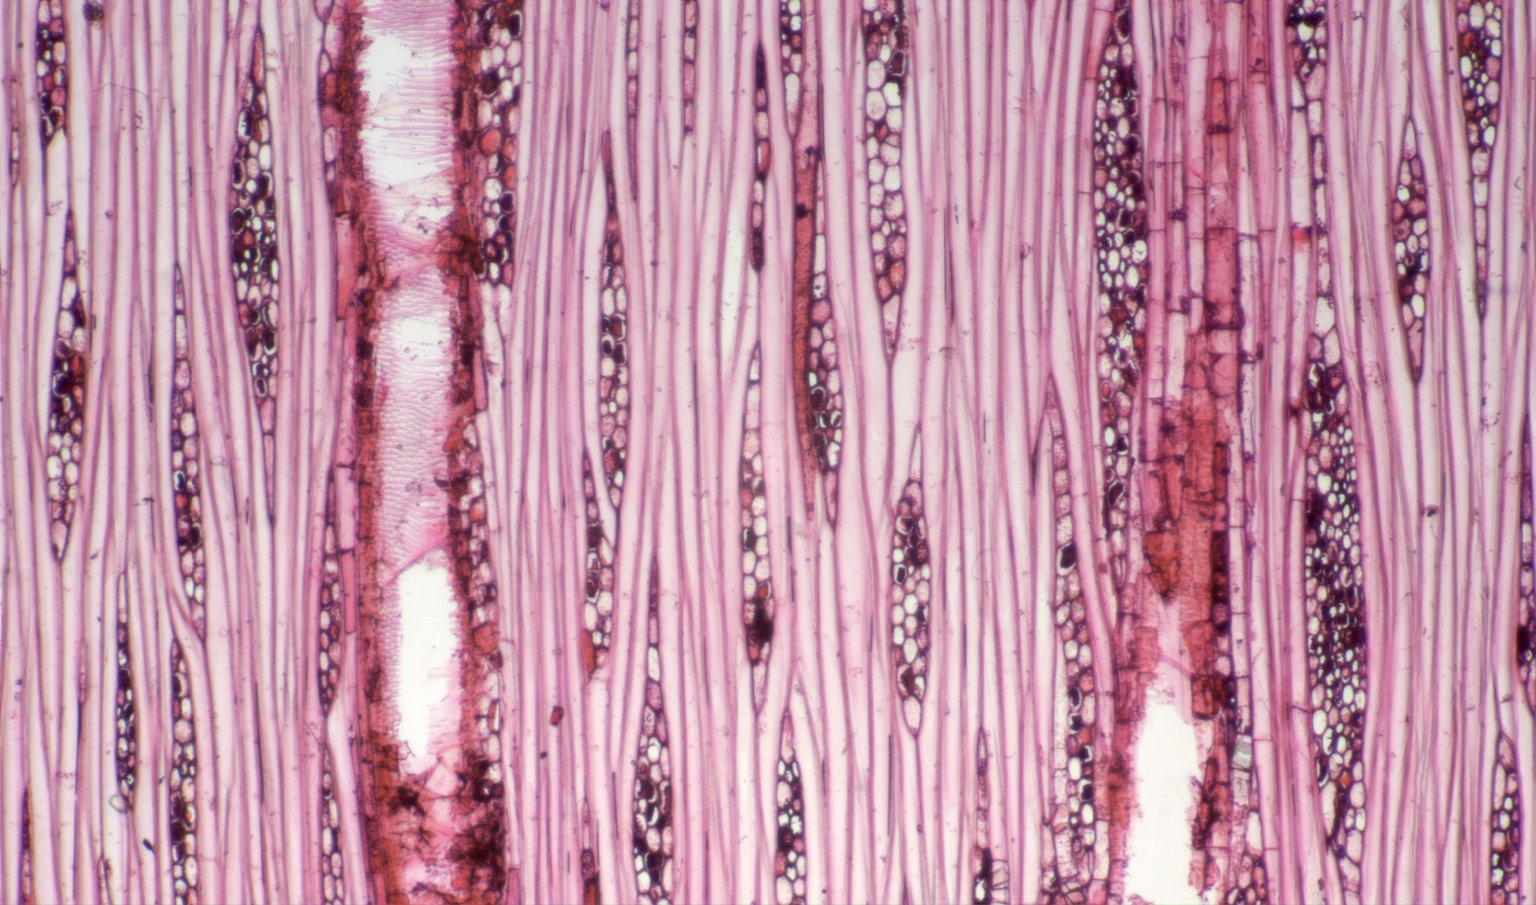 URTICACEAE Cecropia peltata